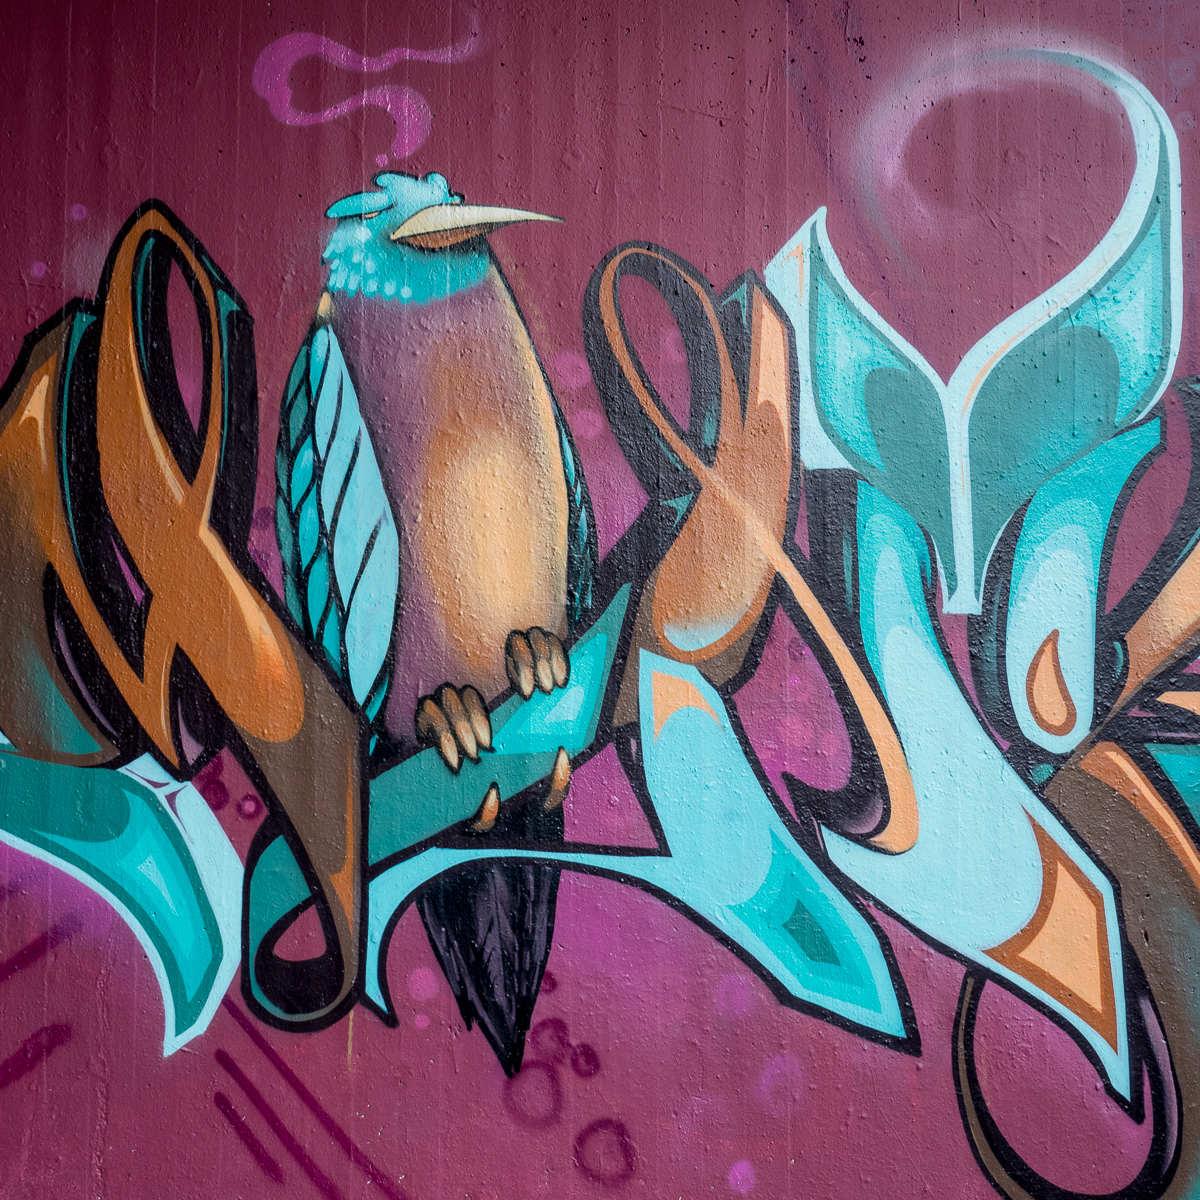 Wiesbaden - Graffito von Monkey & Bomber an der Gibb (Tannhäuserstraße)